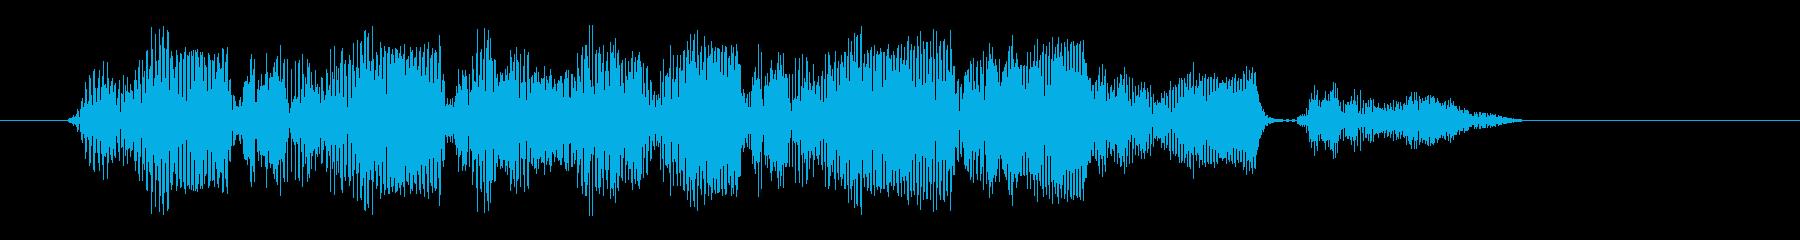 ビュルル(ワープや場面展開系の音)の再生済みの波形